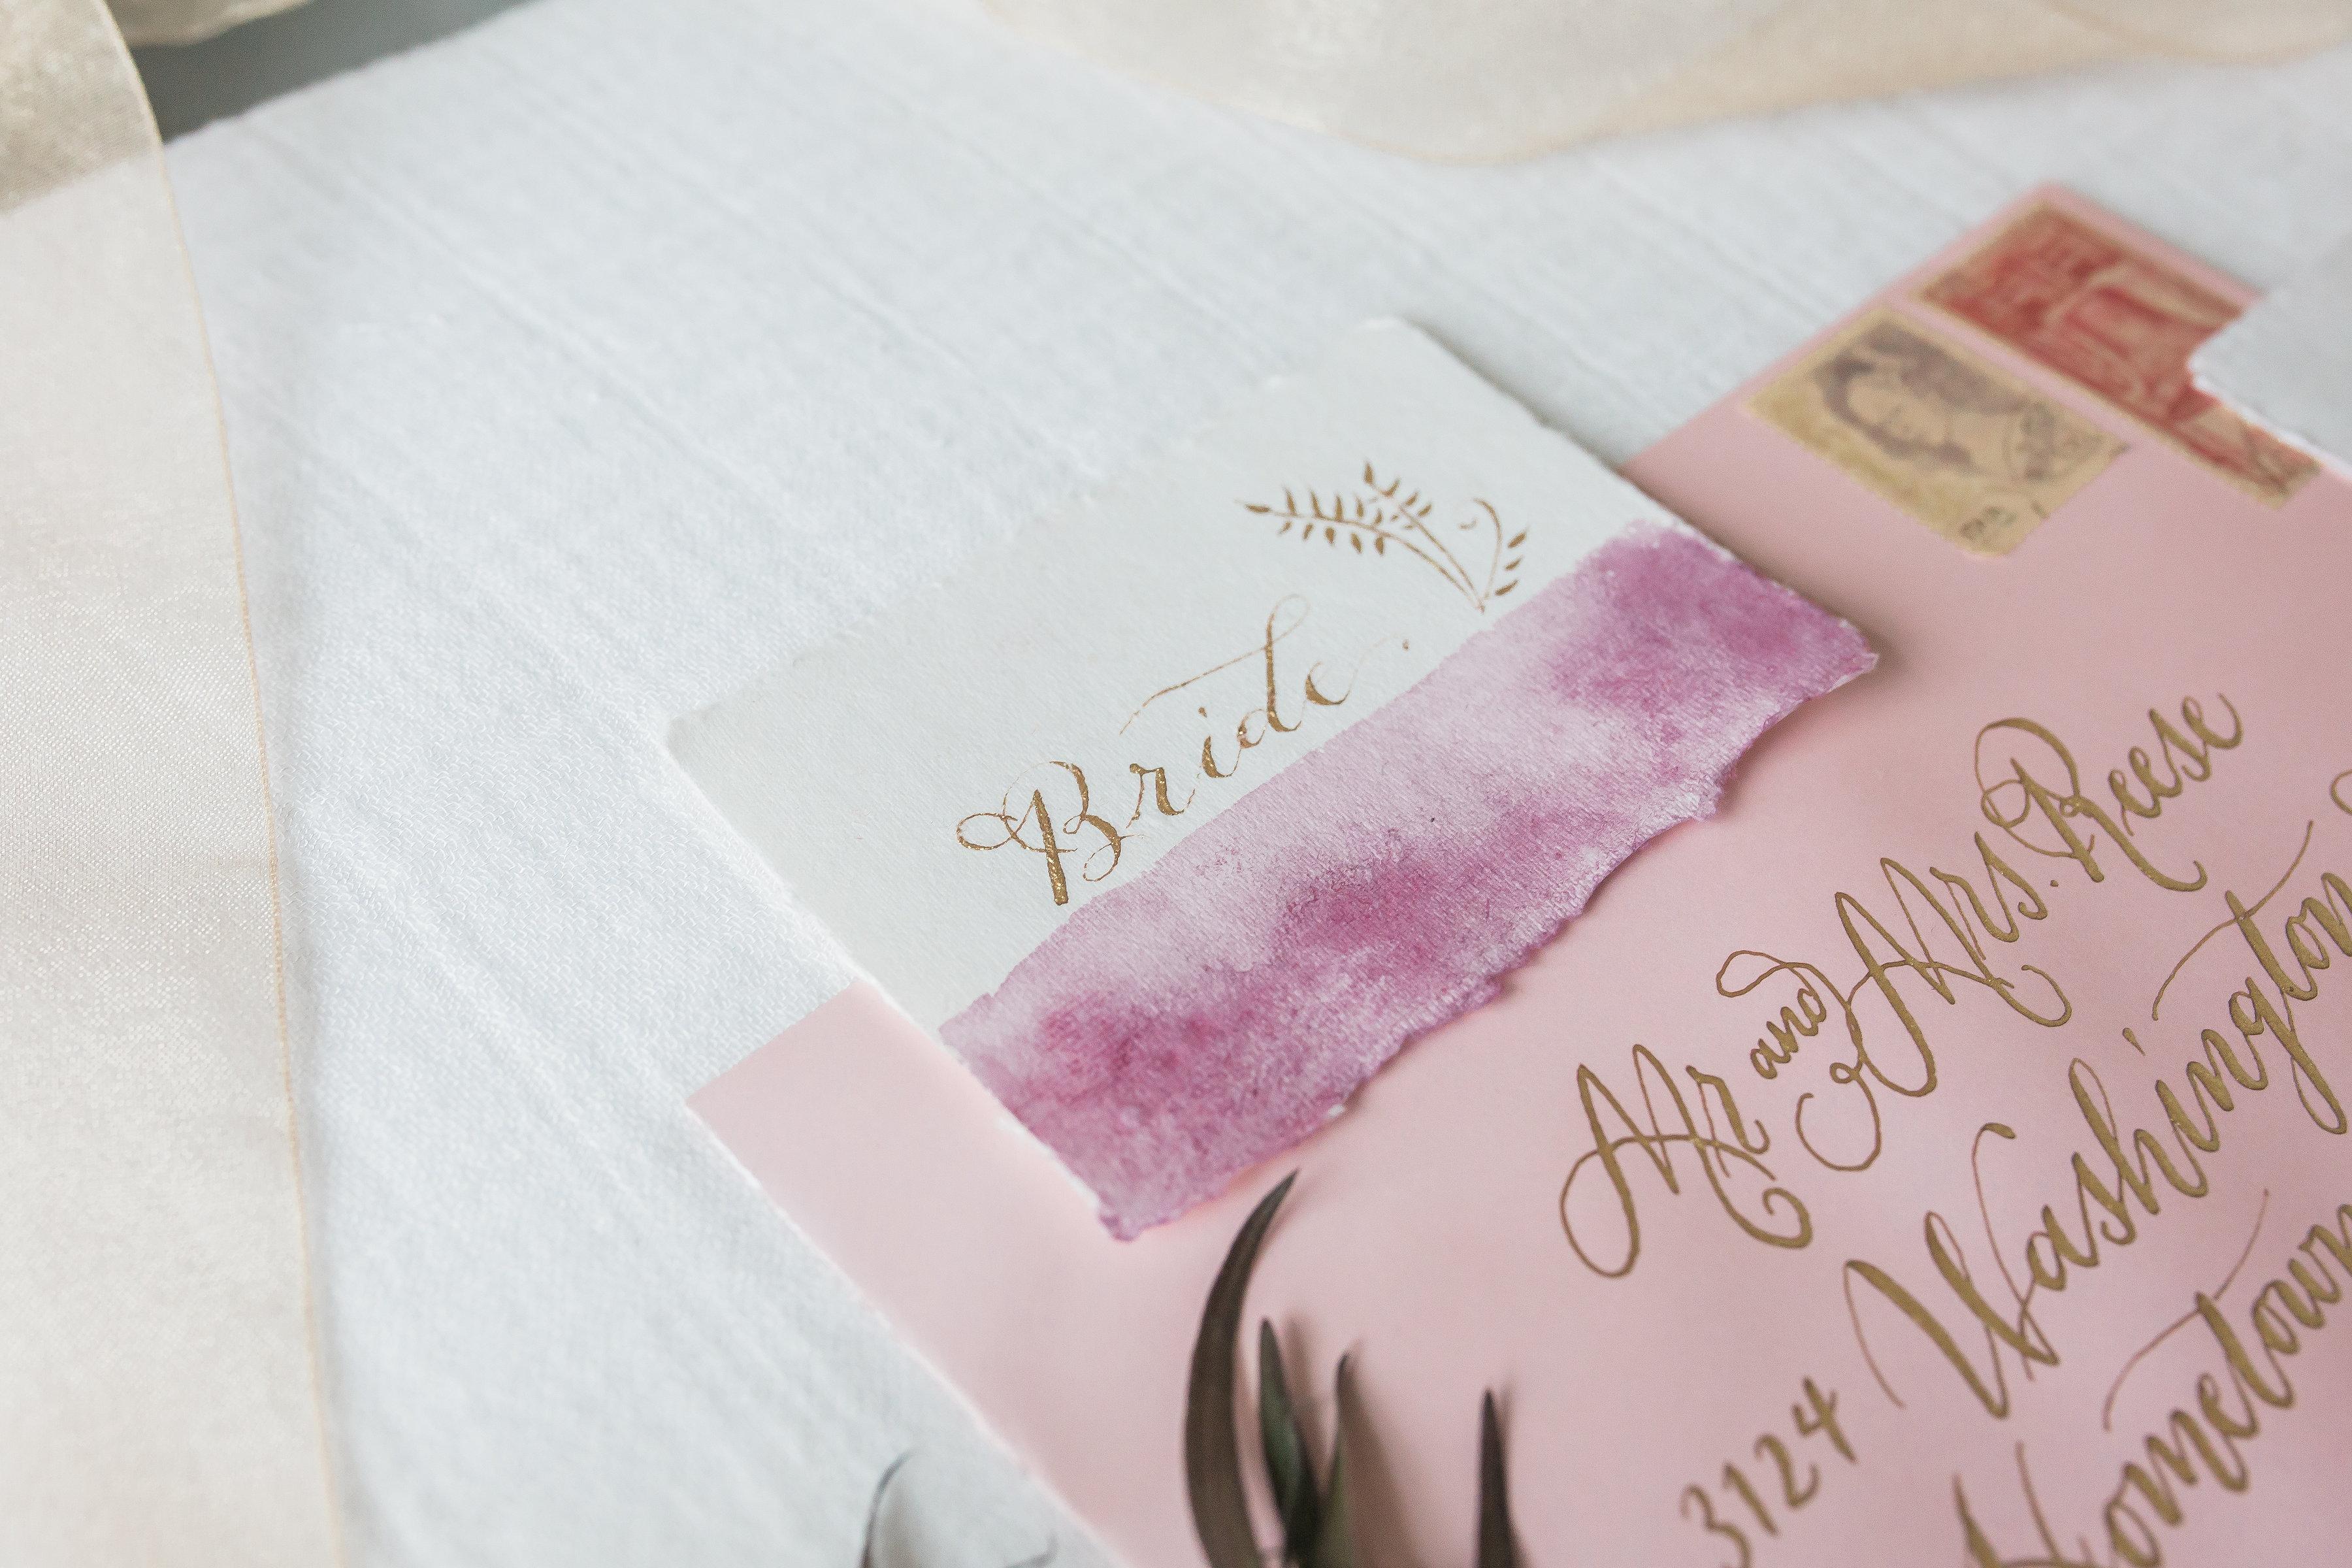 hazelandhazephotography-WeddingsWithElegance-InkStainedMinstrel-40